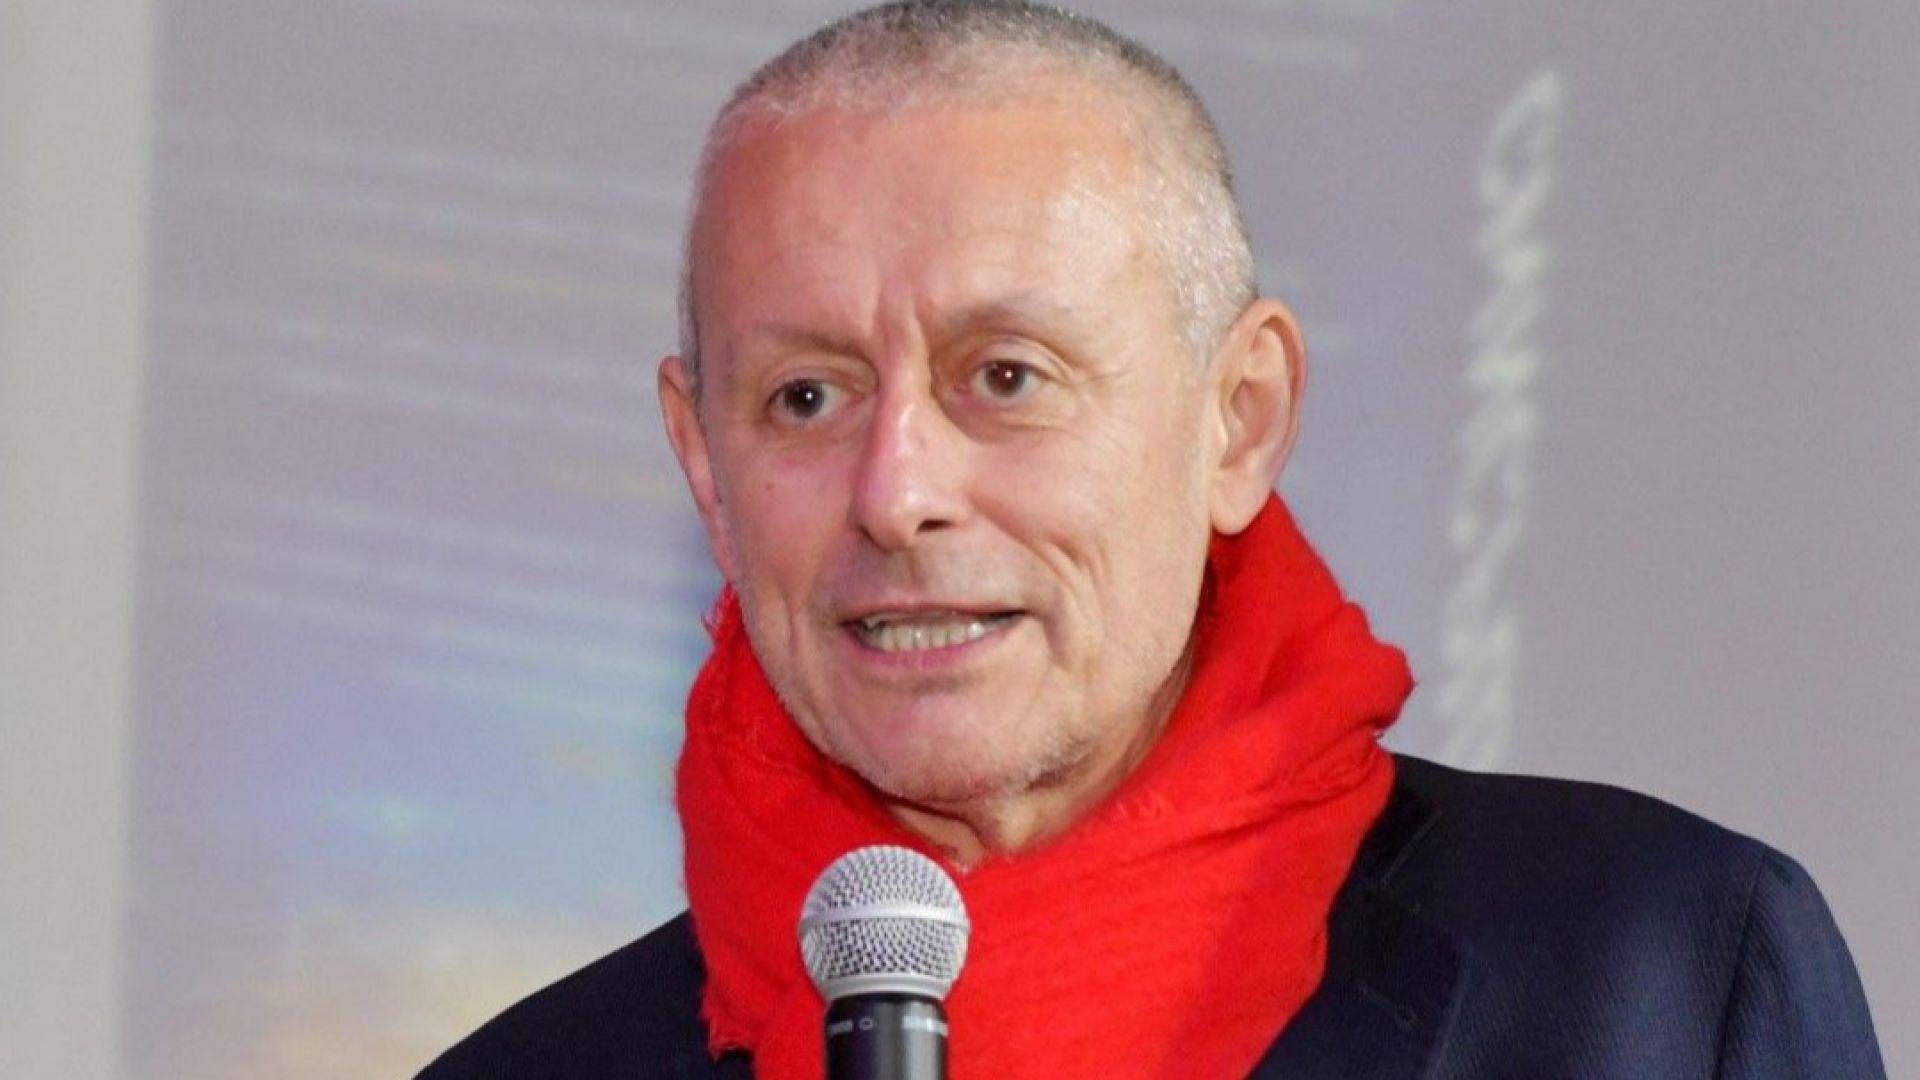 Паси: Нова партия, подкрепена от Радев? Това е вопъл за прозападност